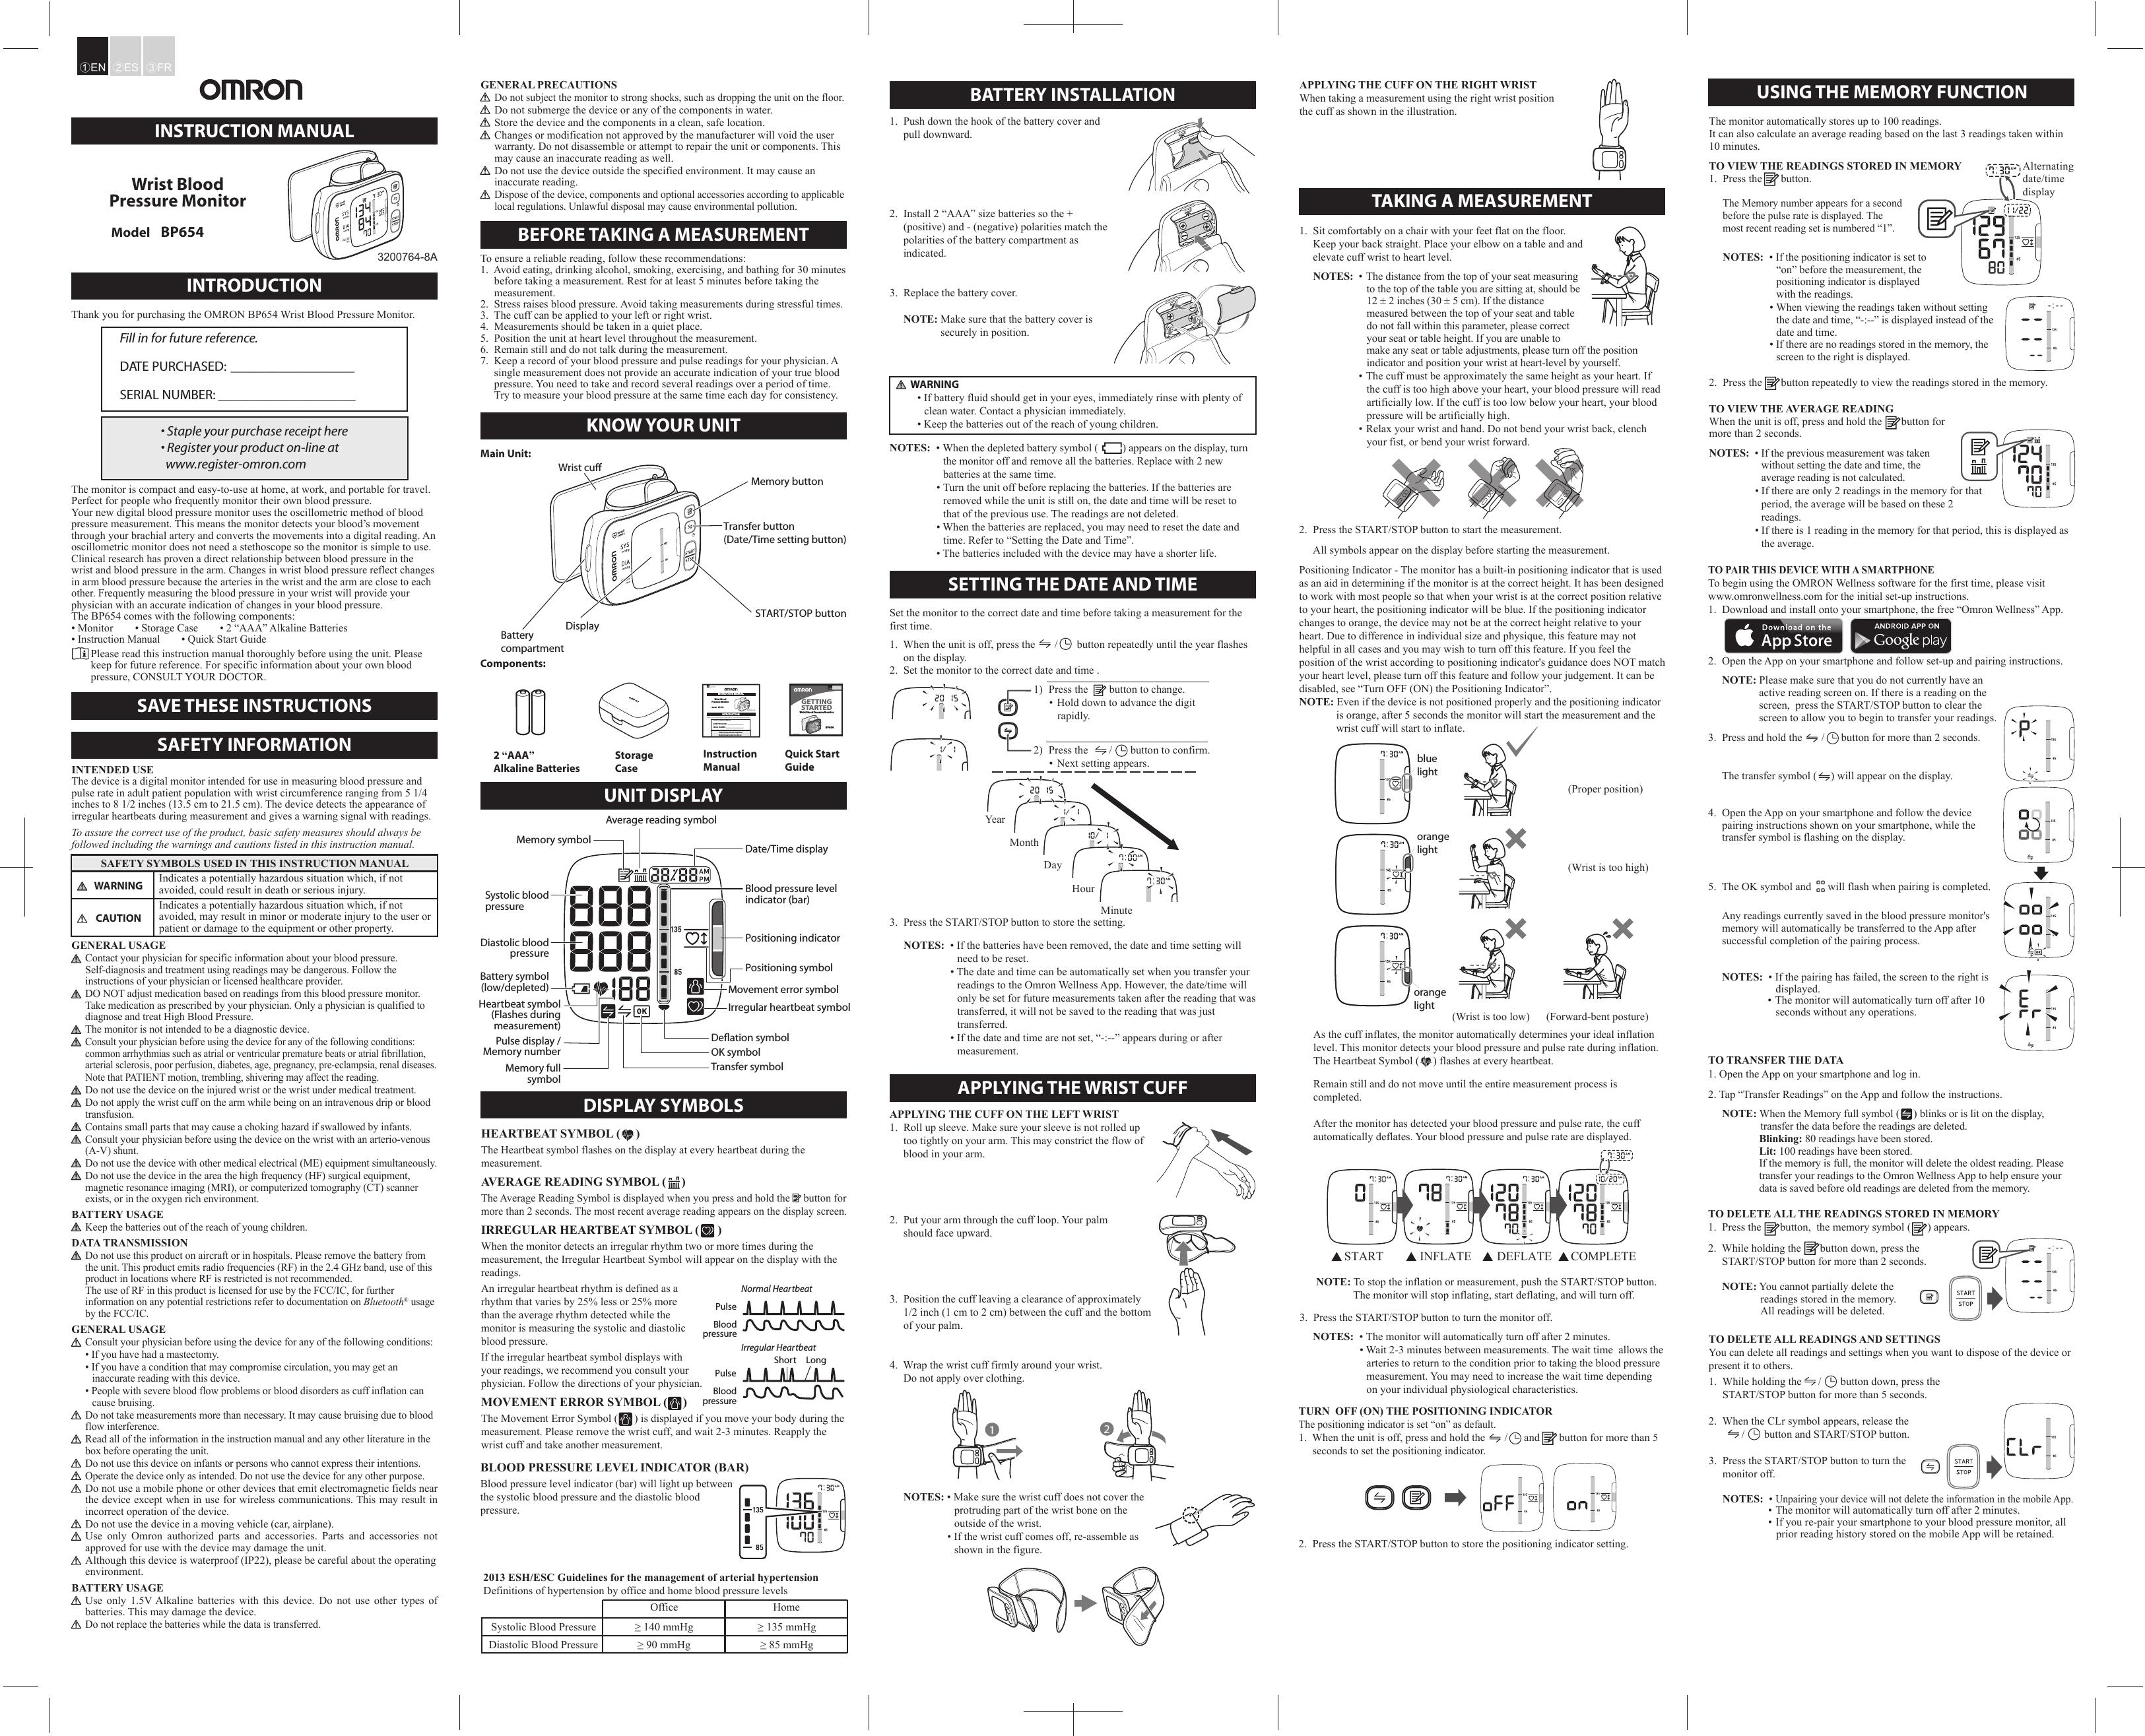 Blind Hem Manual Guide